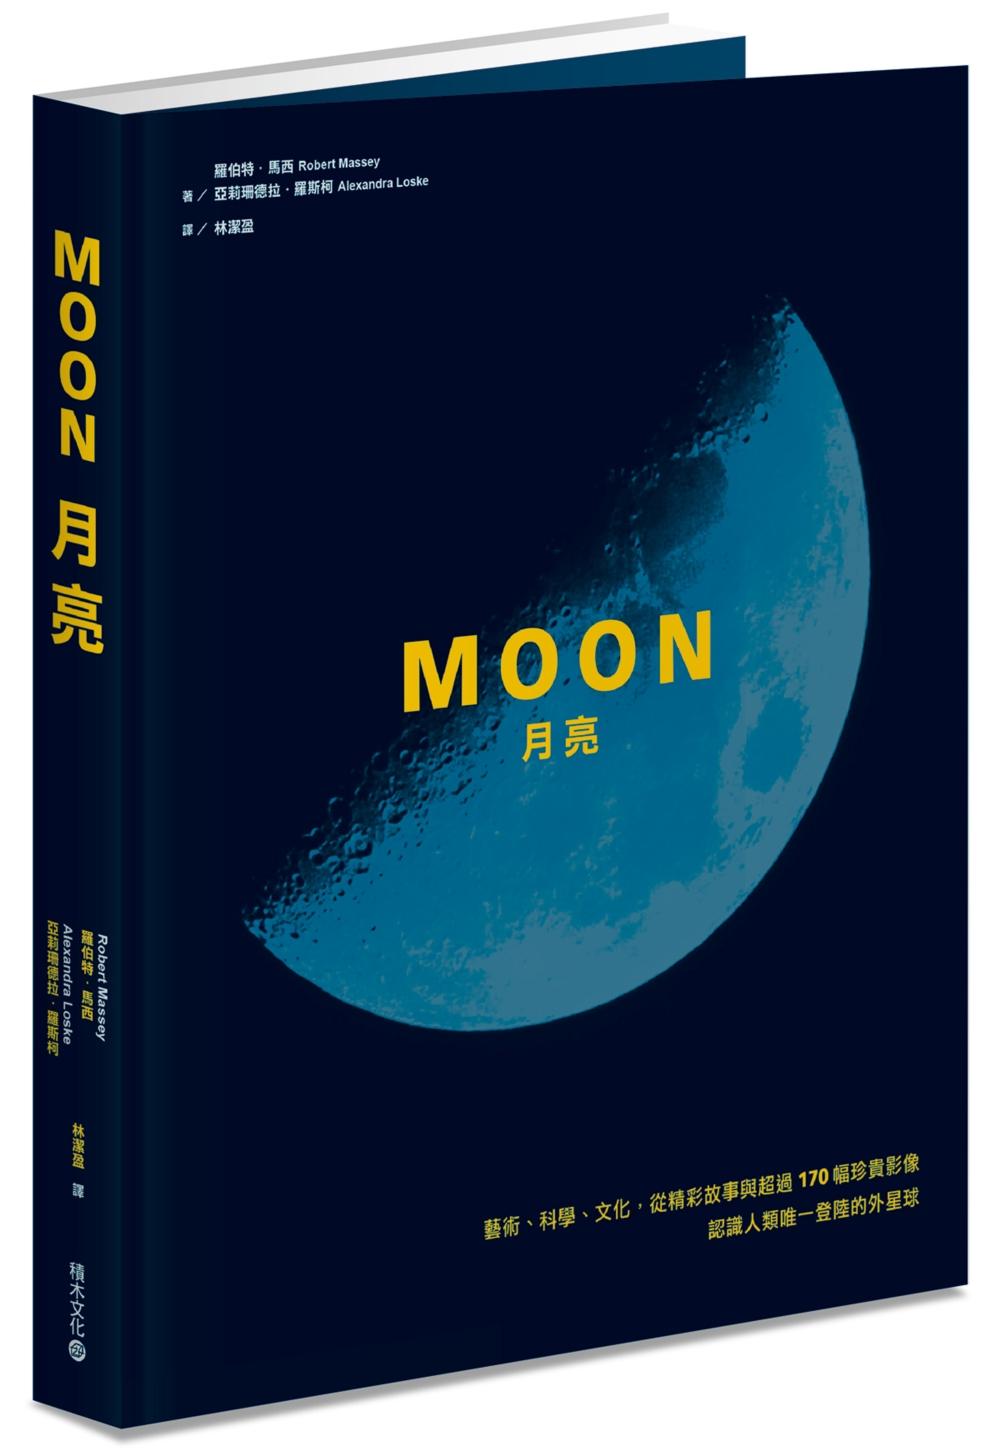 Moon月亮:藝術、科學、文化,從精彩故事與超過170幅珍貴影像認識人類唯一登陸的外星球